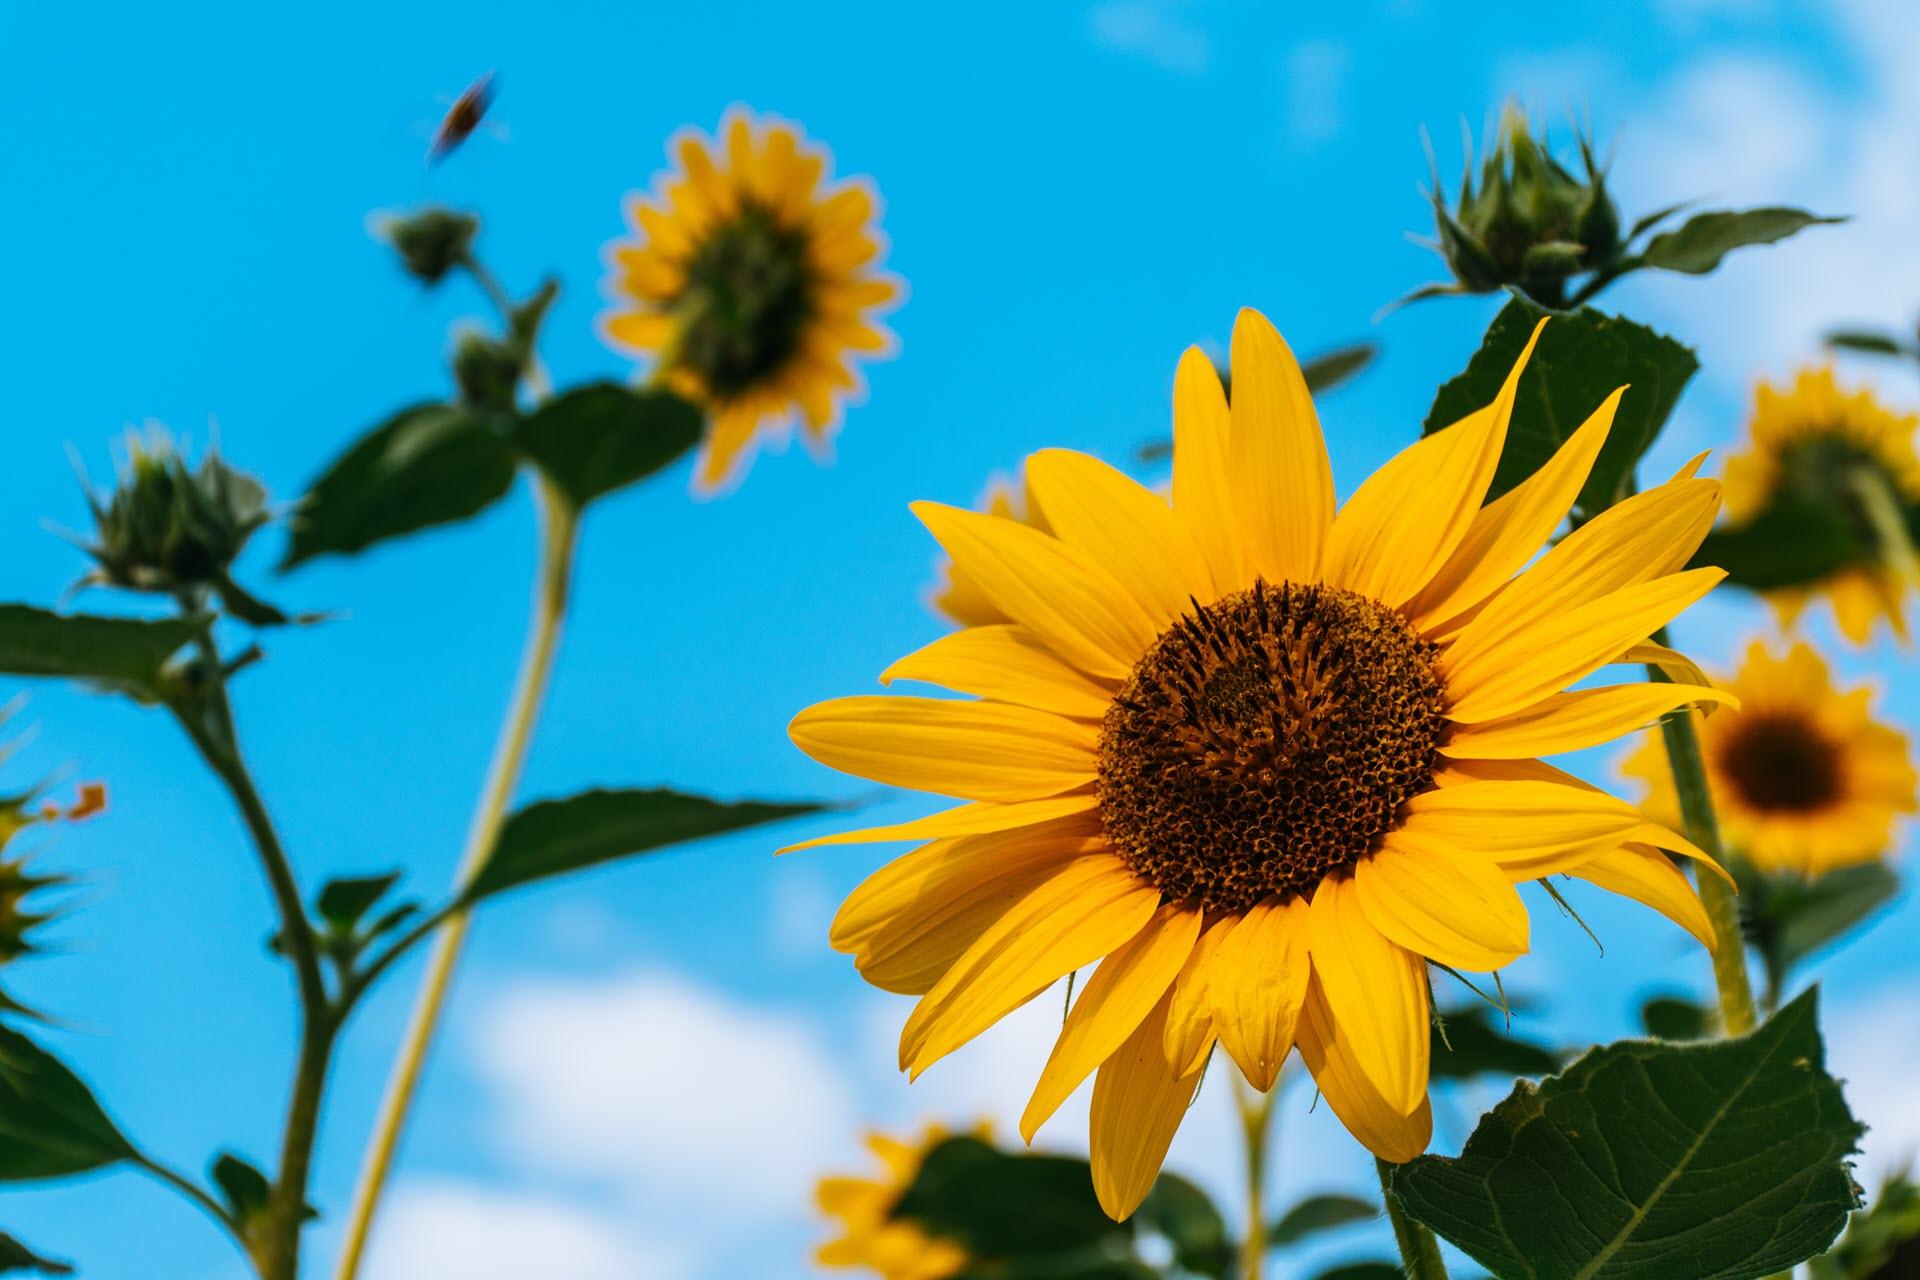 Ảnh nền tuyệt đẹp về hoa hướng dương